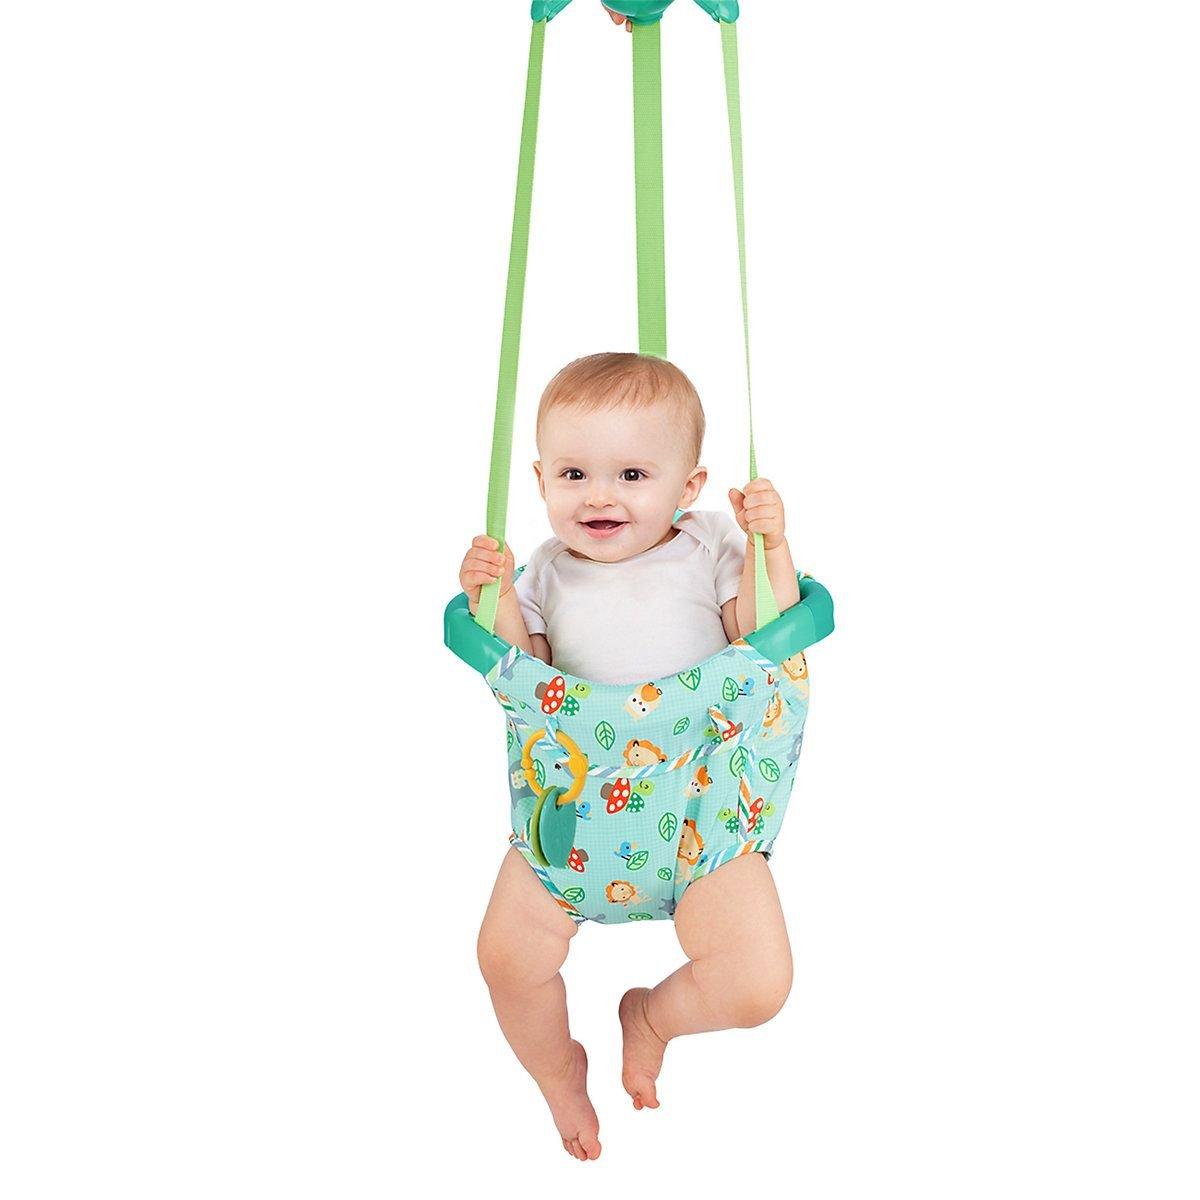 До какого возраста можно использовать прыгунки